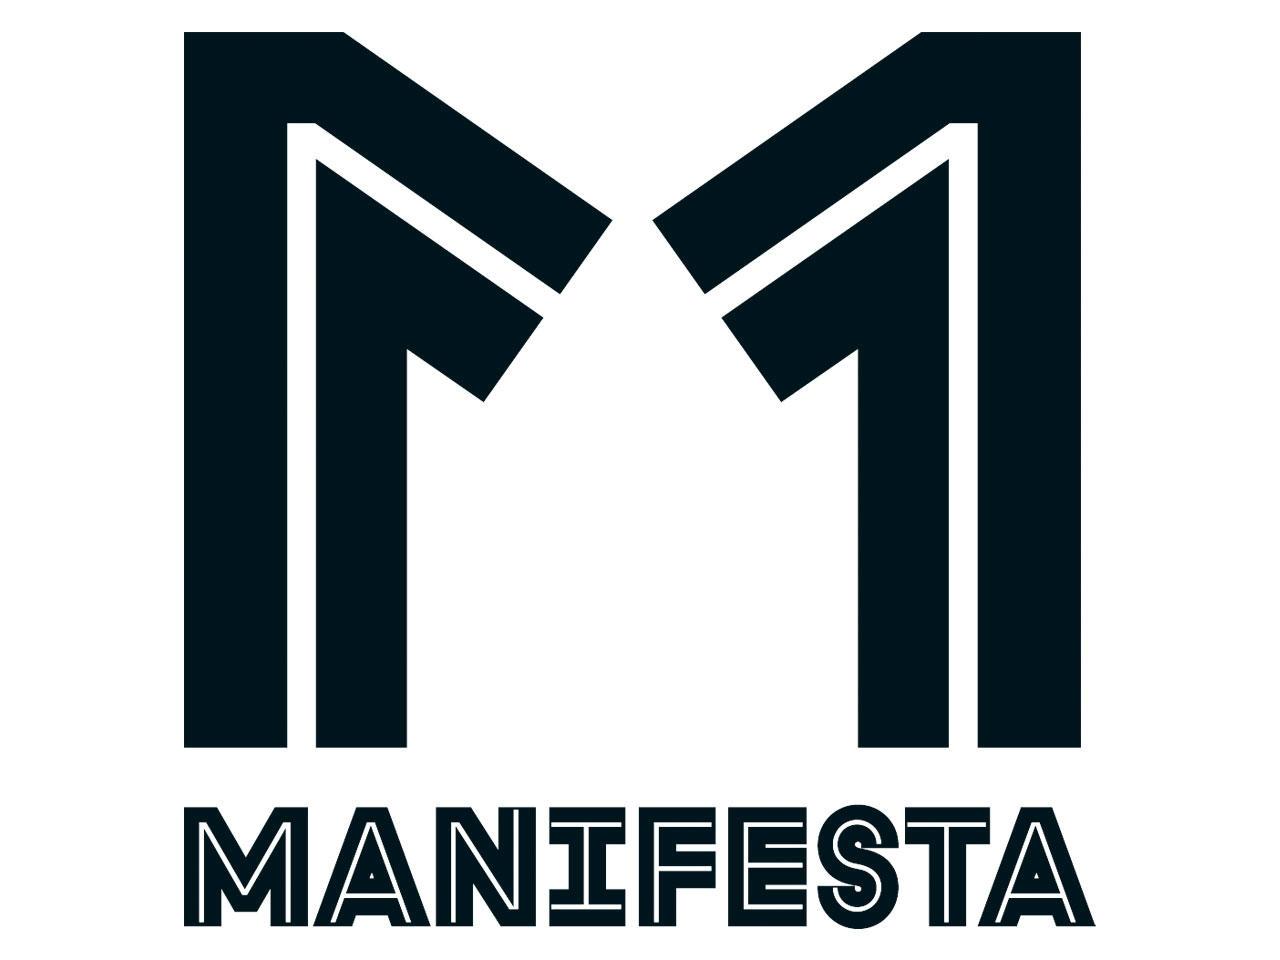 Logo_zurich_manifesta11